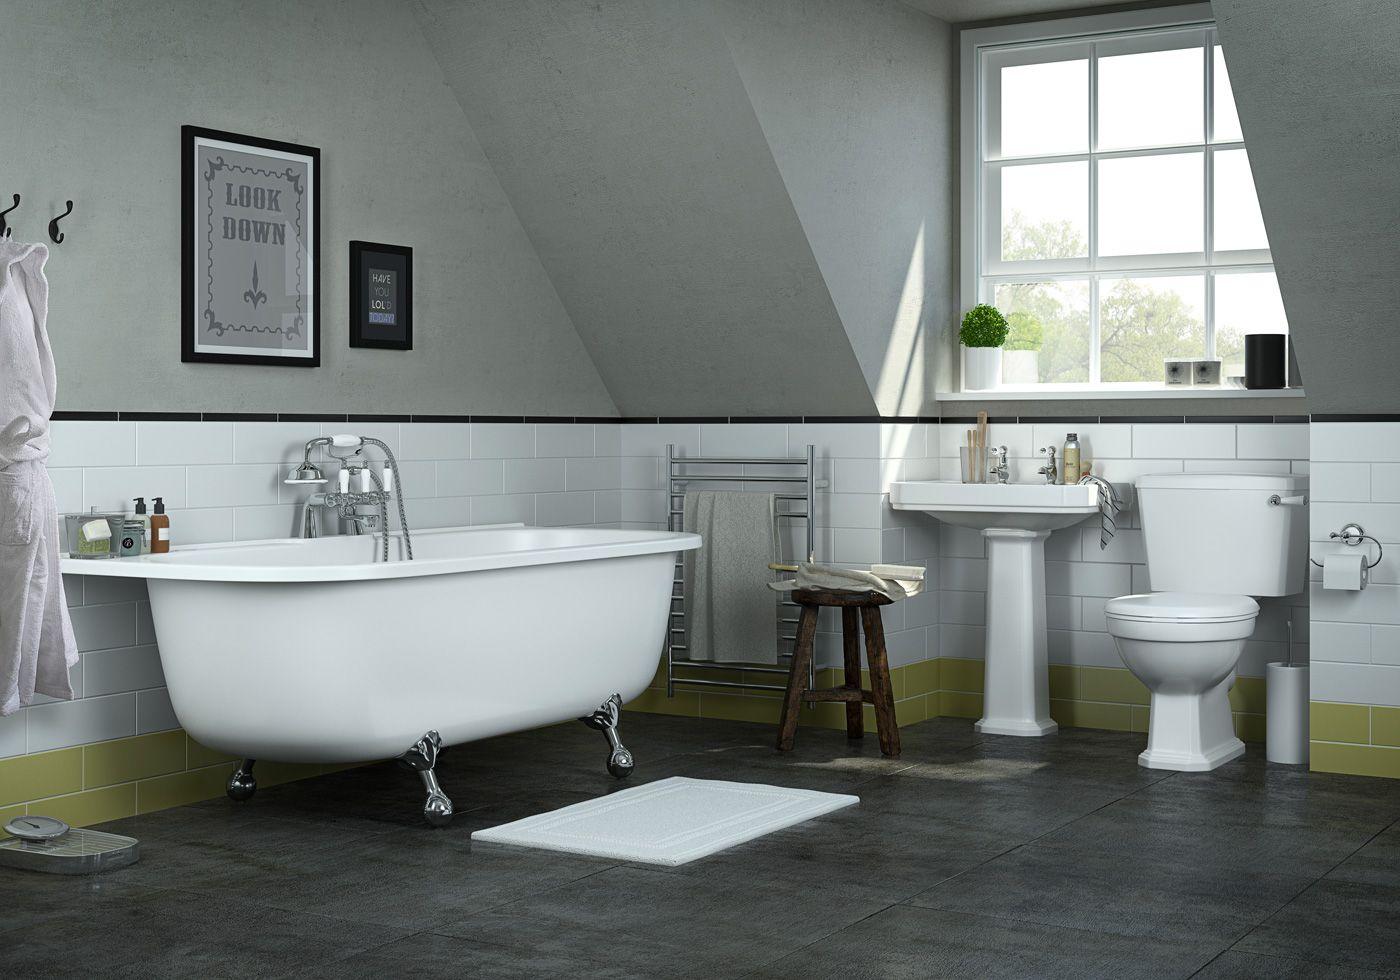 Serina Retro Bathrooms Bathroom Solutions Bathroom Suites